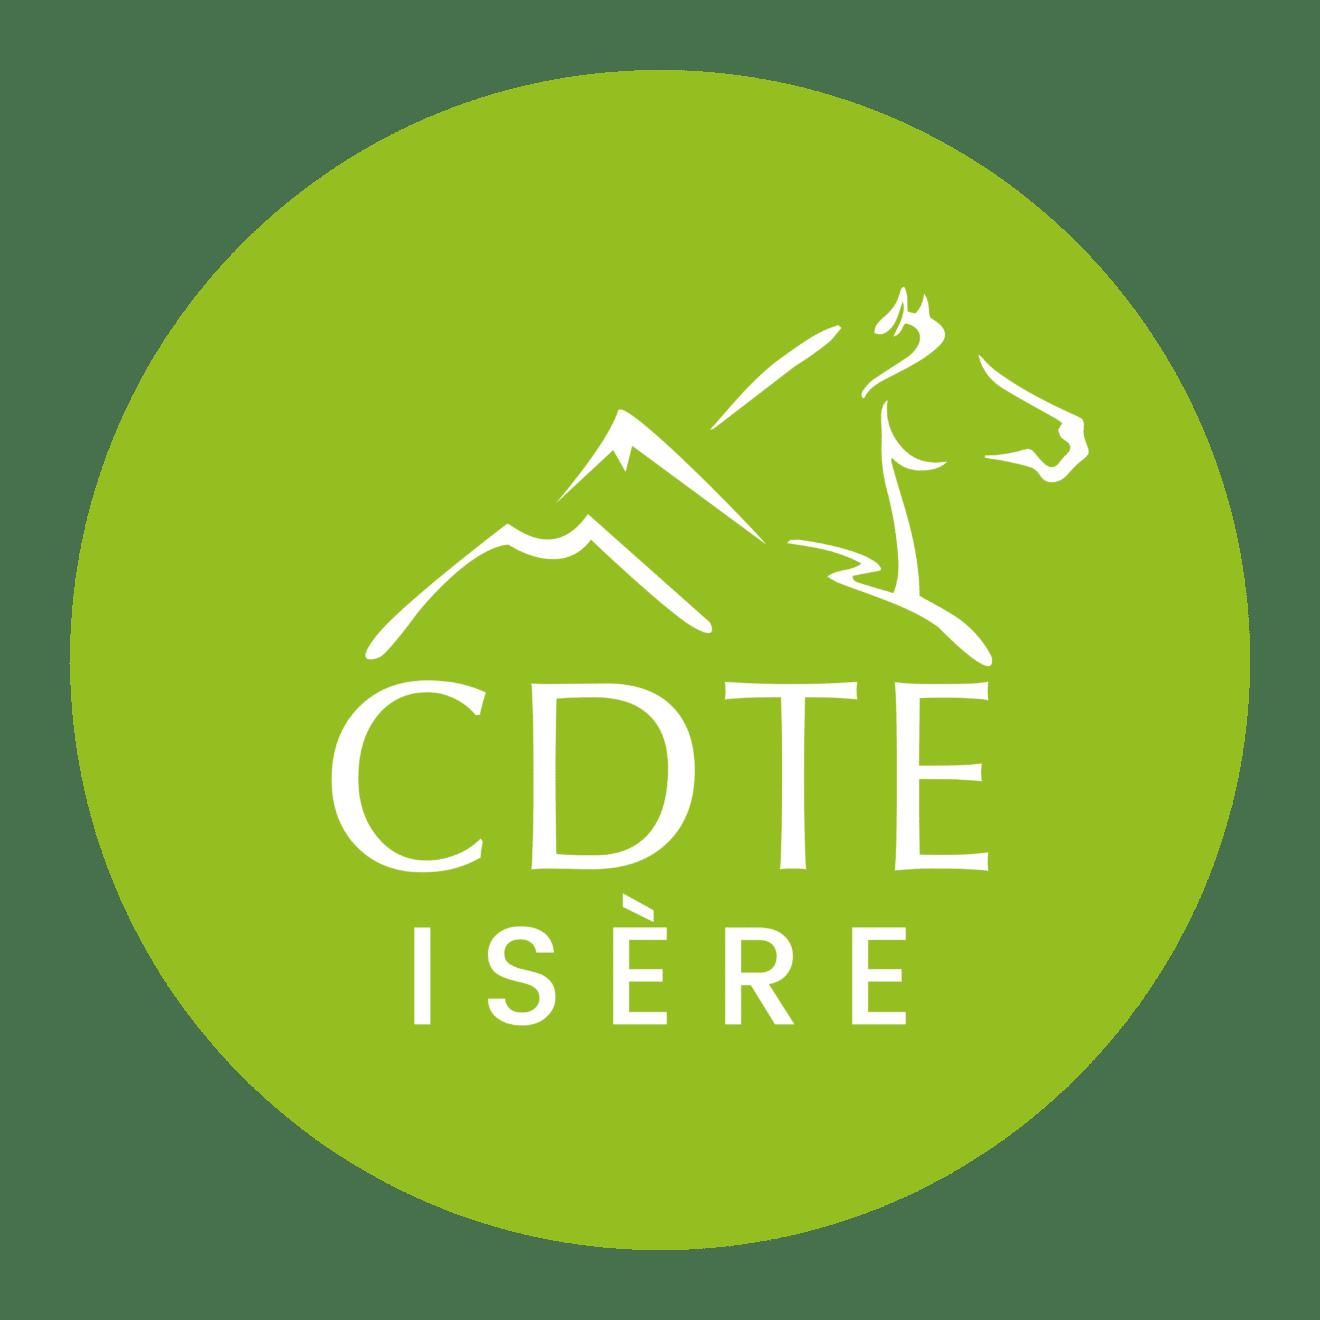 Logo Tourisme equestre Isere